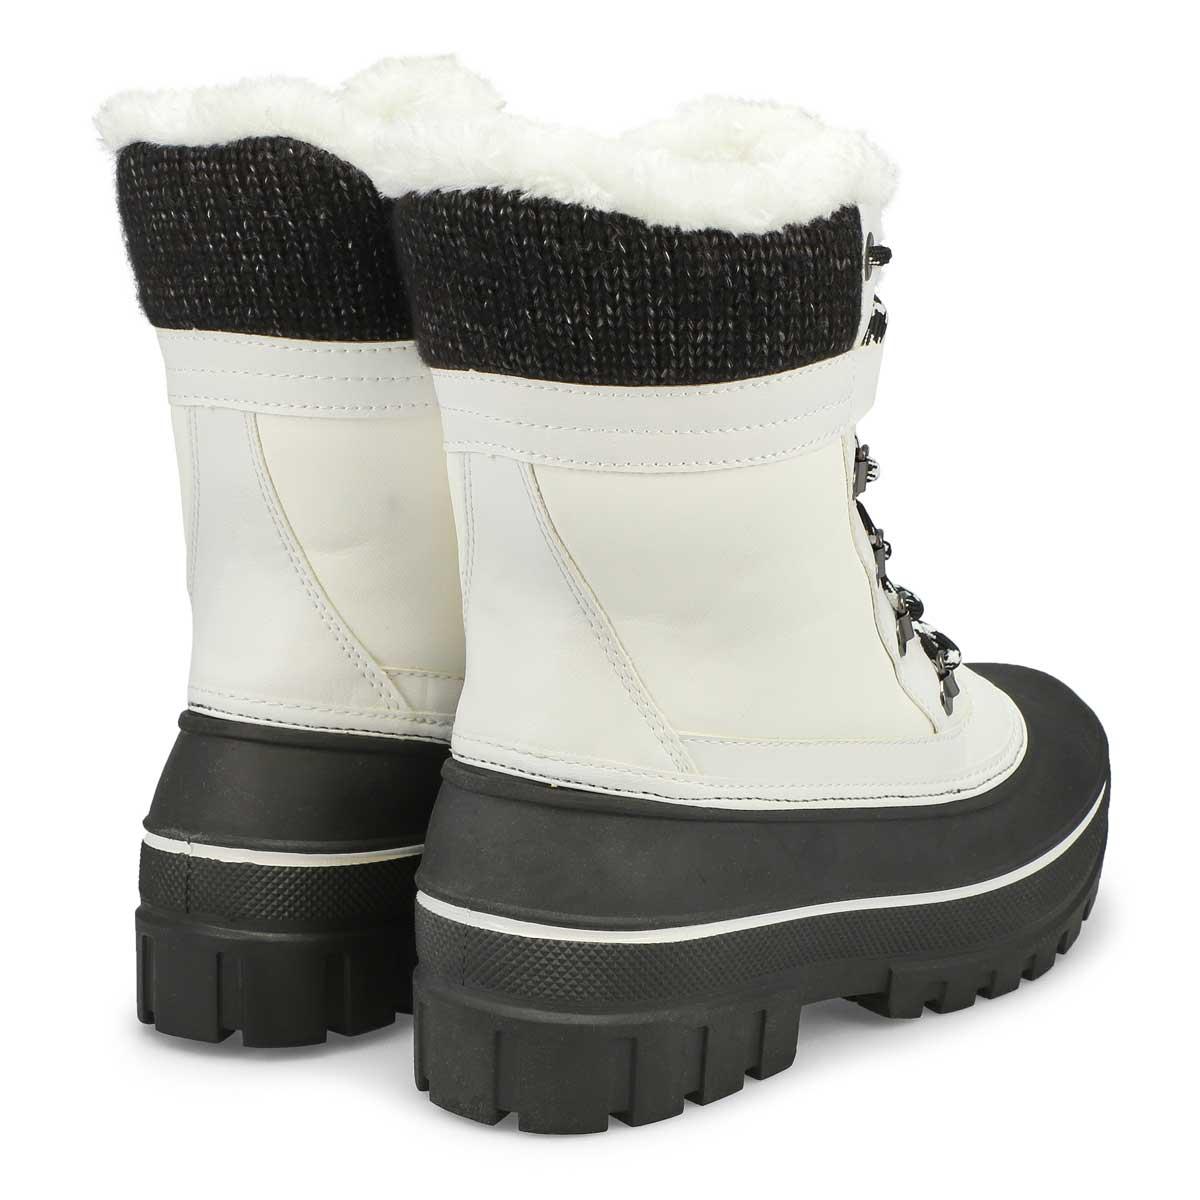 Women's GLEAM white waterpoof winter boots